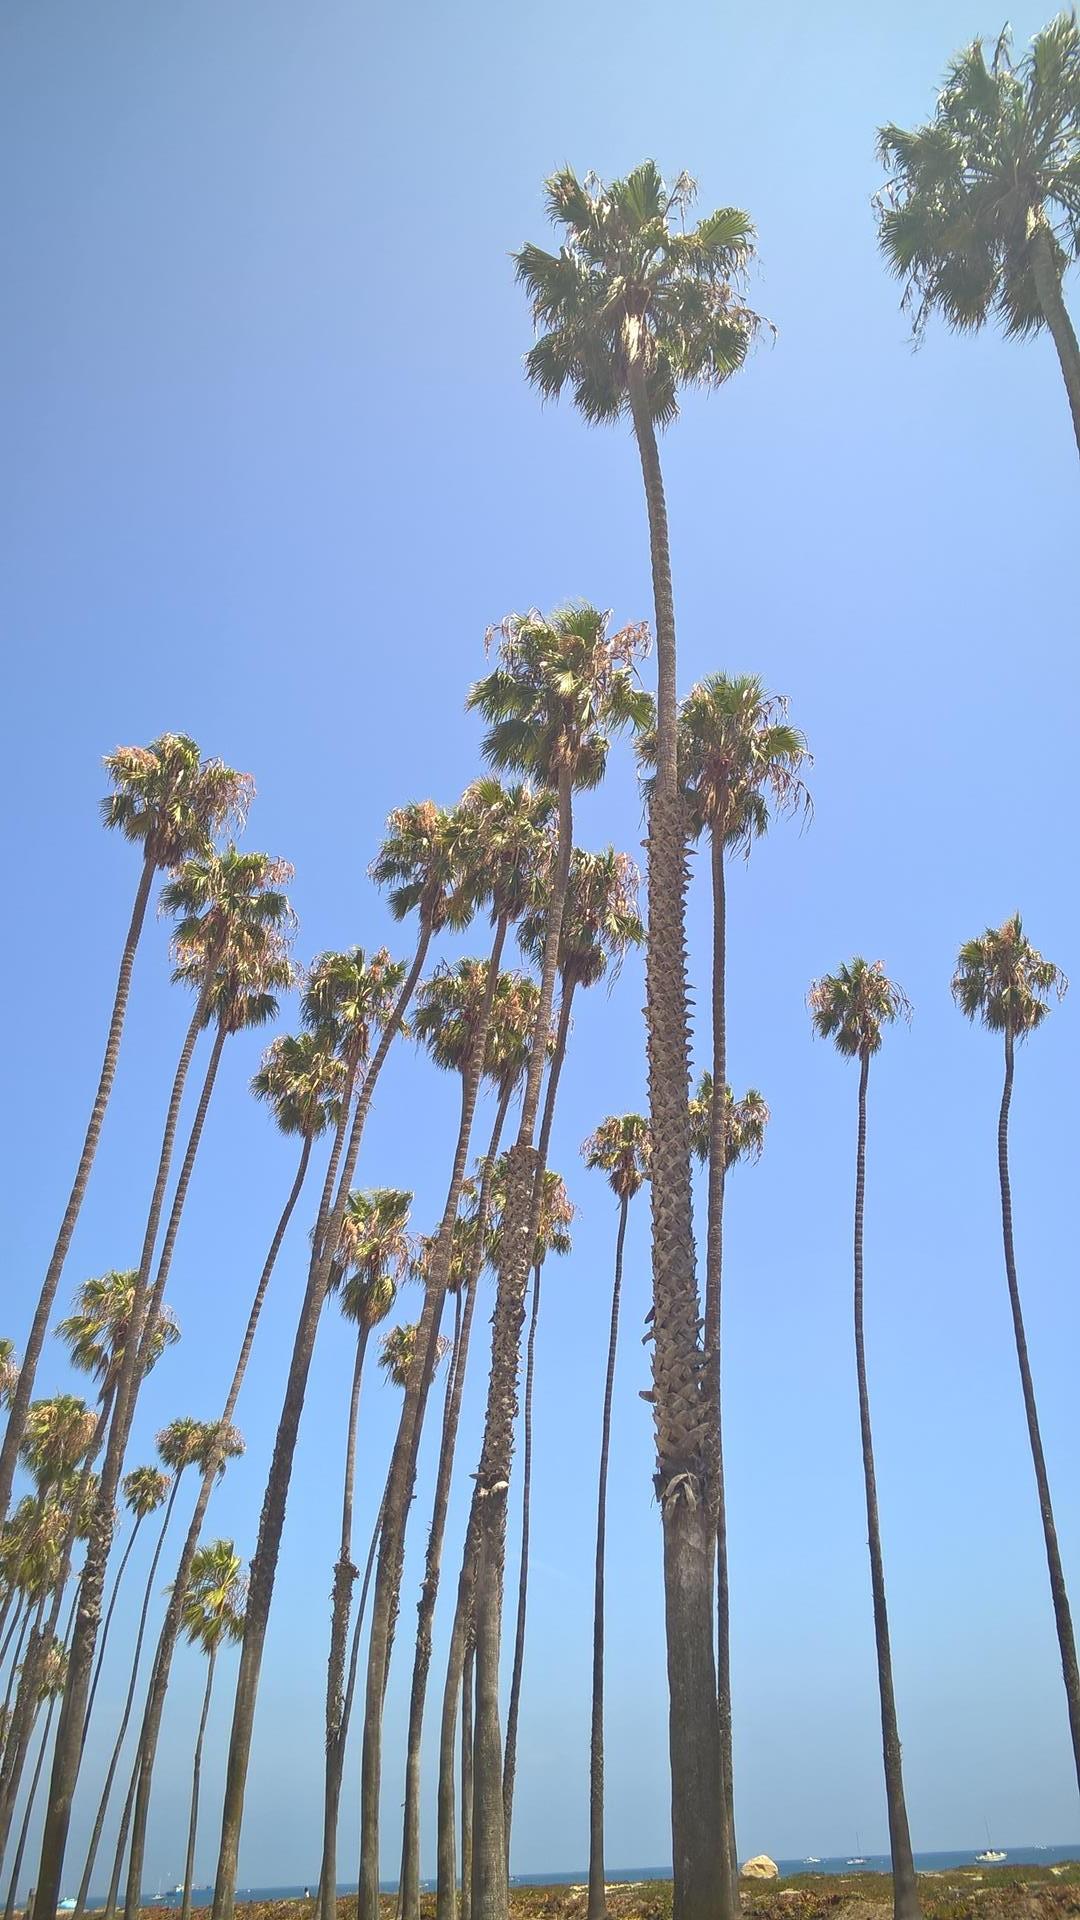 In Santa Barbara am Strand...